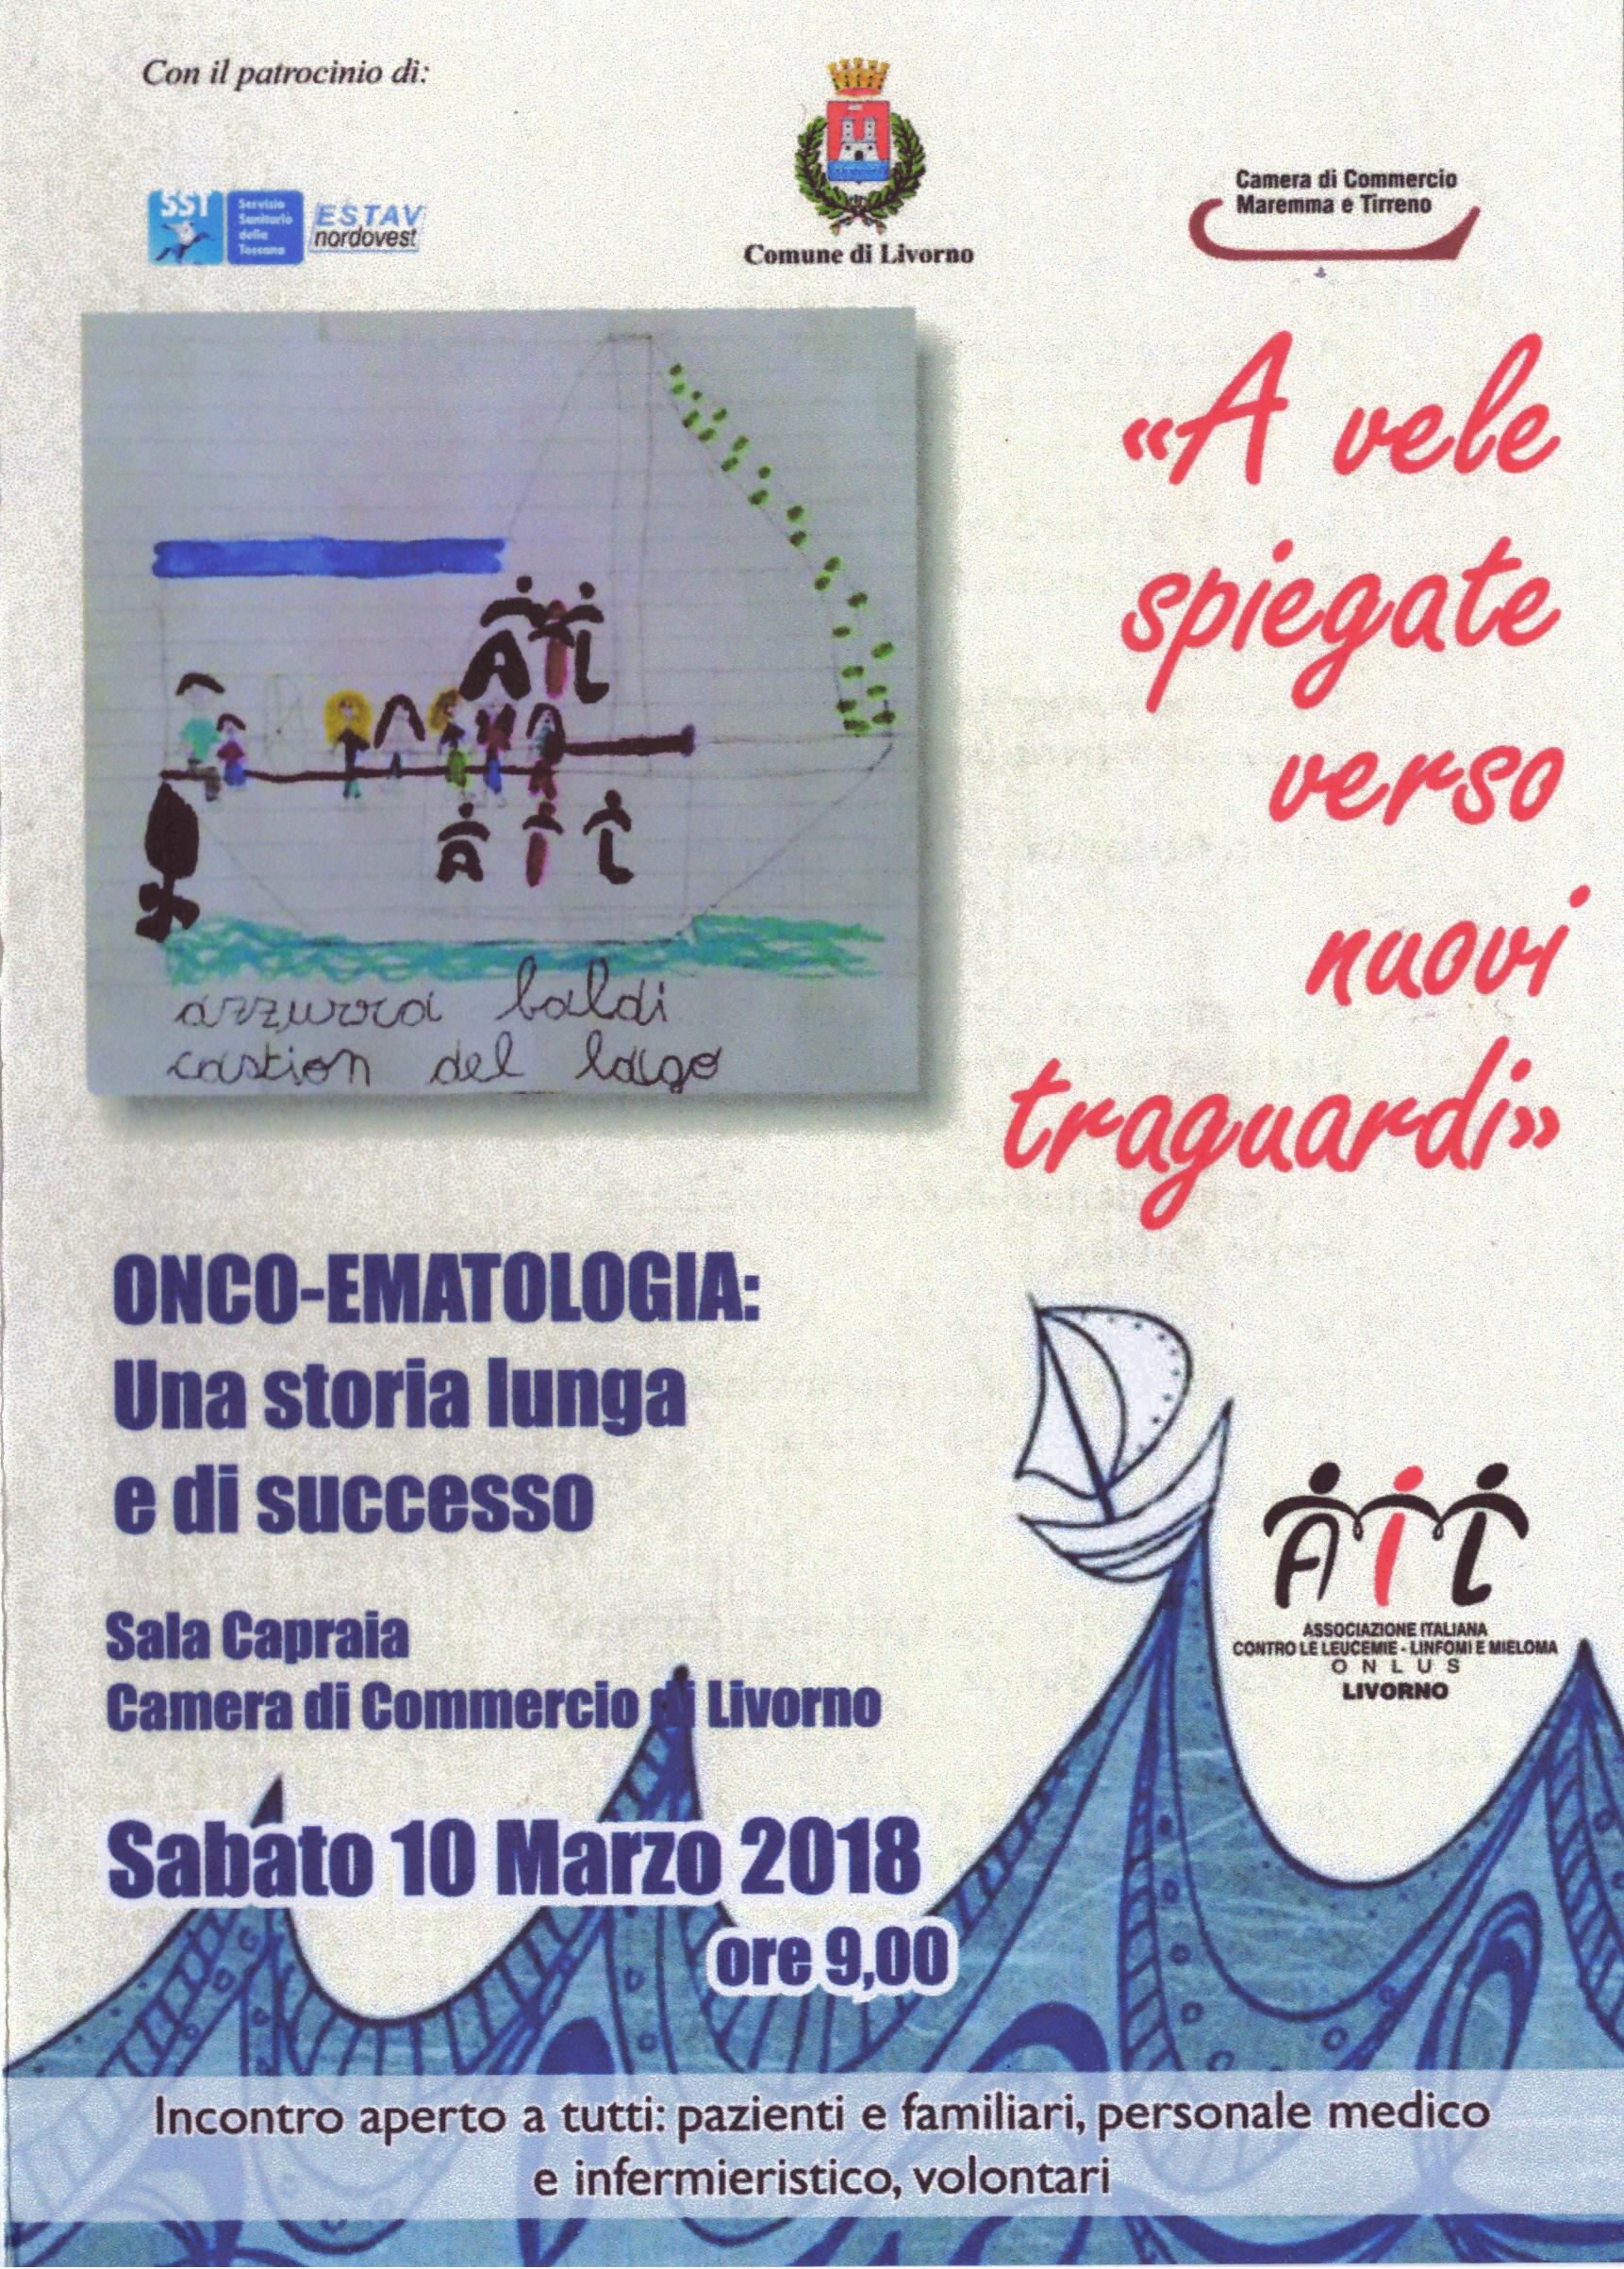 L'Associazione Italiana contro le Leucemie incontra la cittadinanza